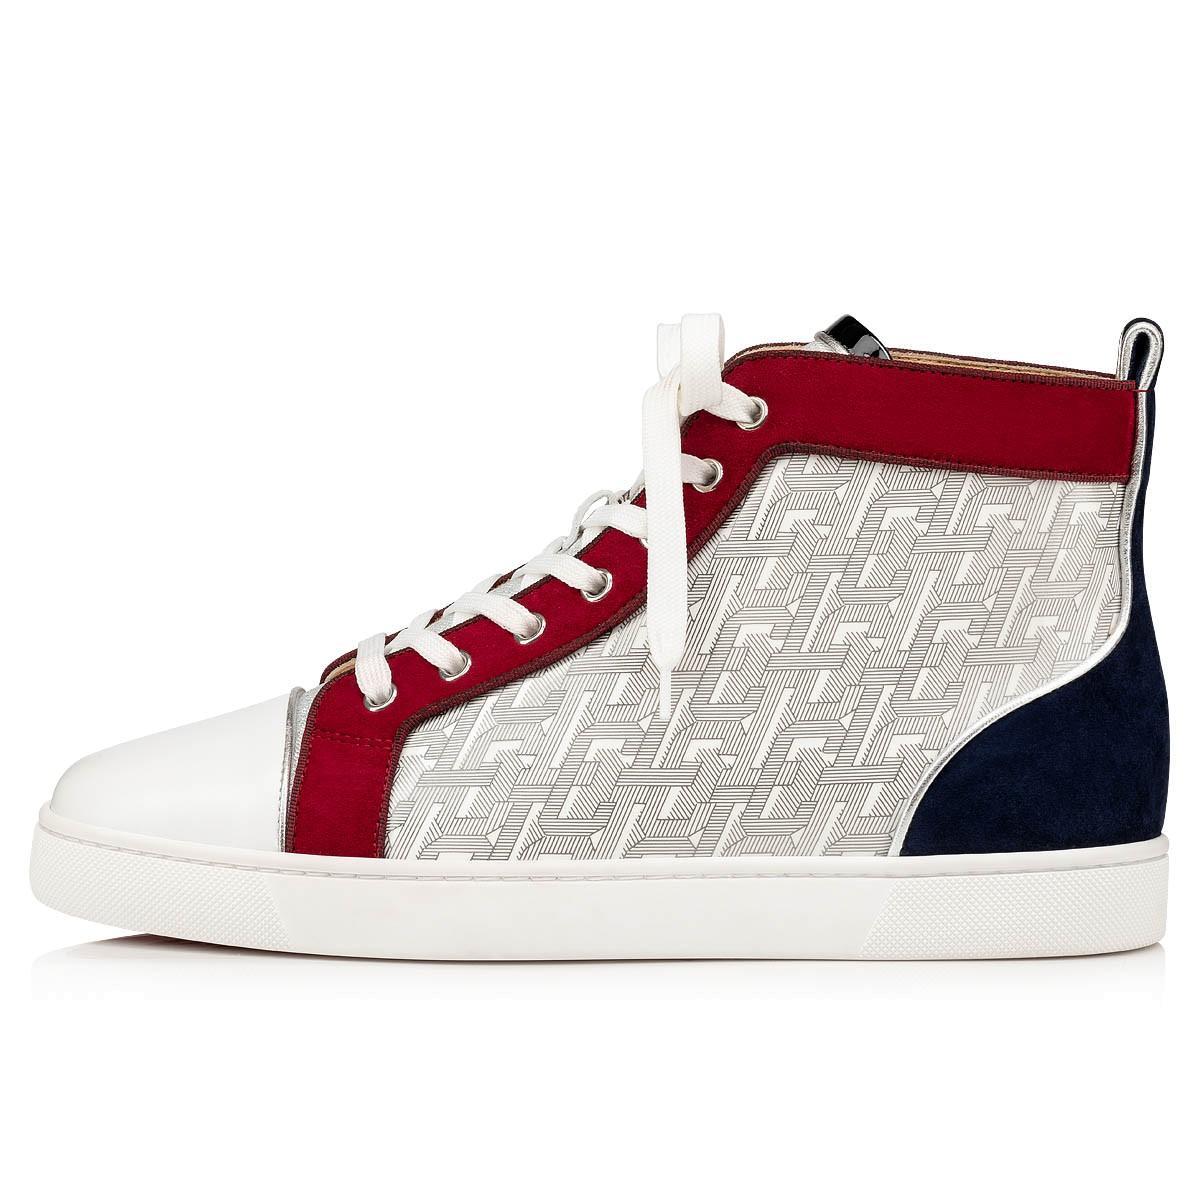 Nuova qualità degli uomini scarpe basse Red Bottoms Sneaker Rantus Orlato Man piatto Graffiti Vera pelle rossa Sole progettista di trasporto libero all'ingrosso